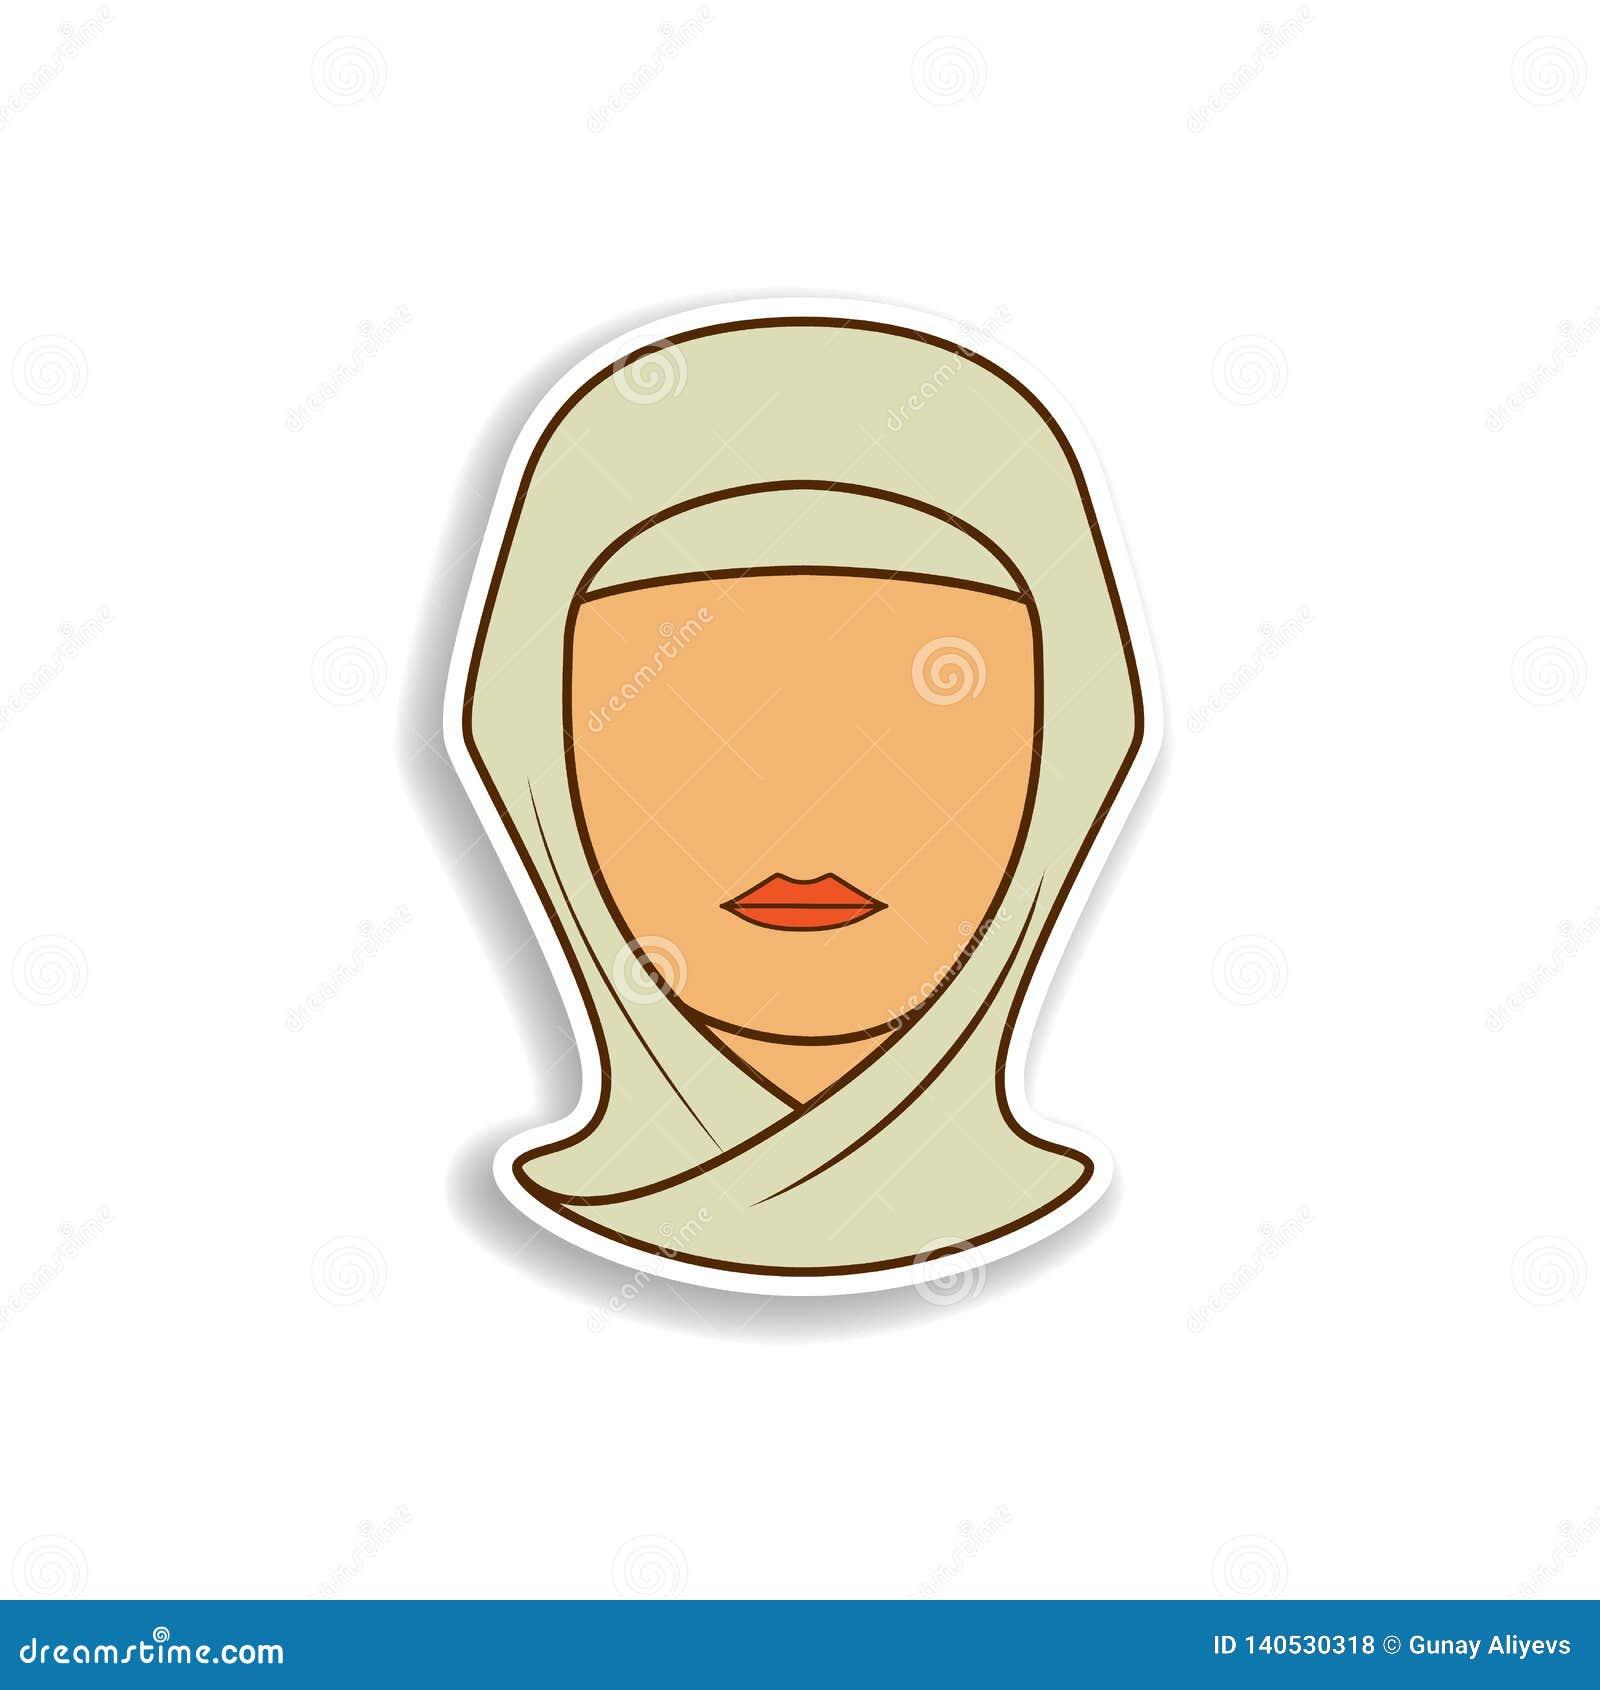 Women in arabic culture